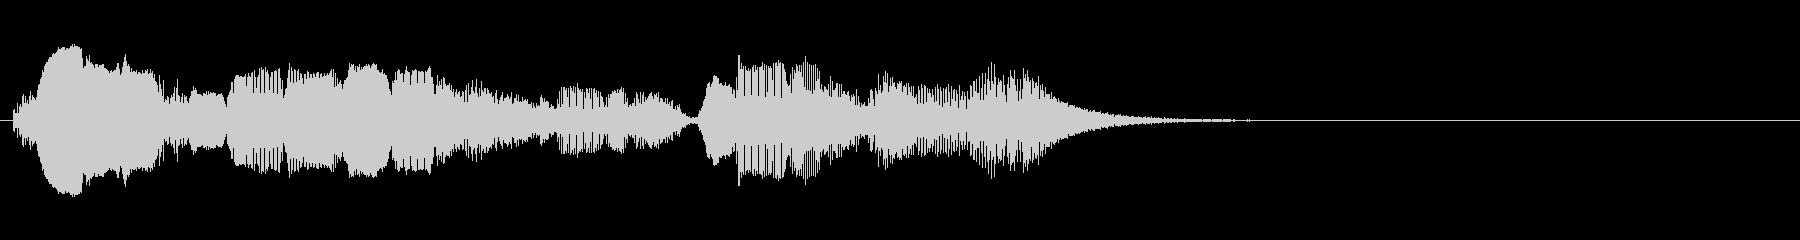 ヴァイオリン:高速タンブルダウン、...の未再生の波形